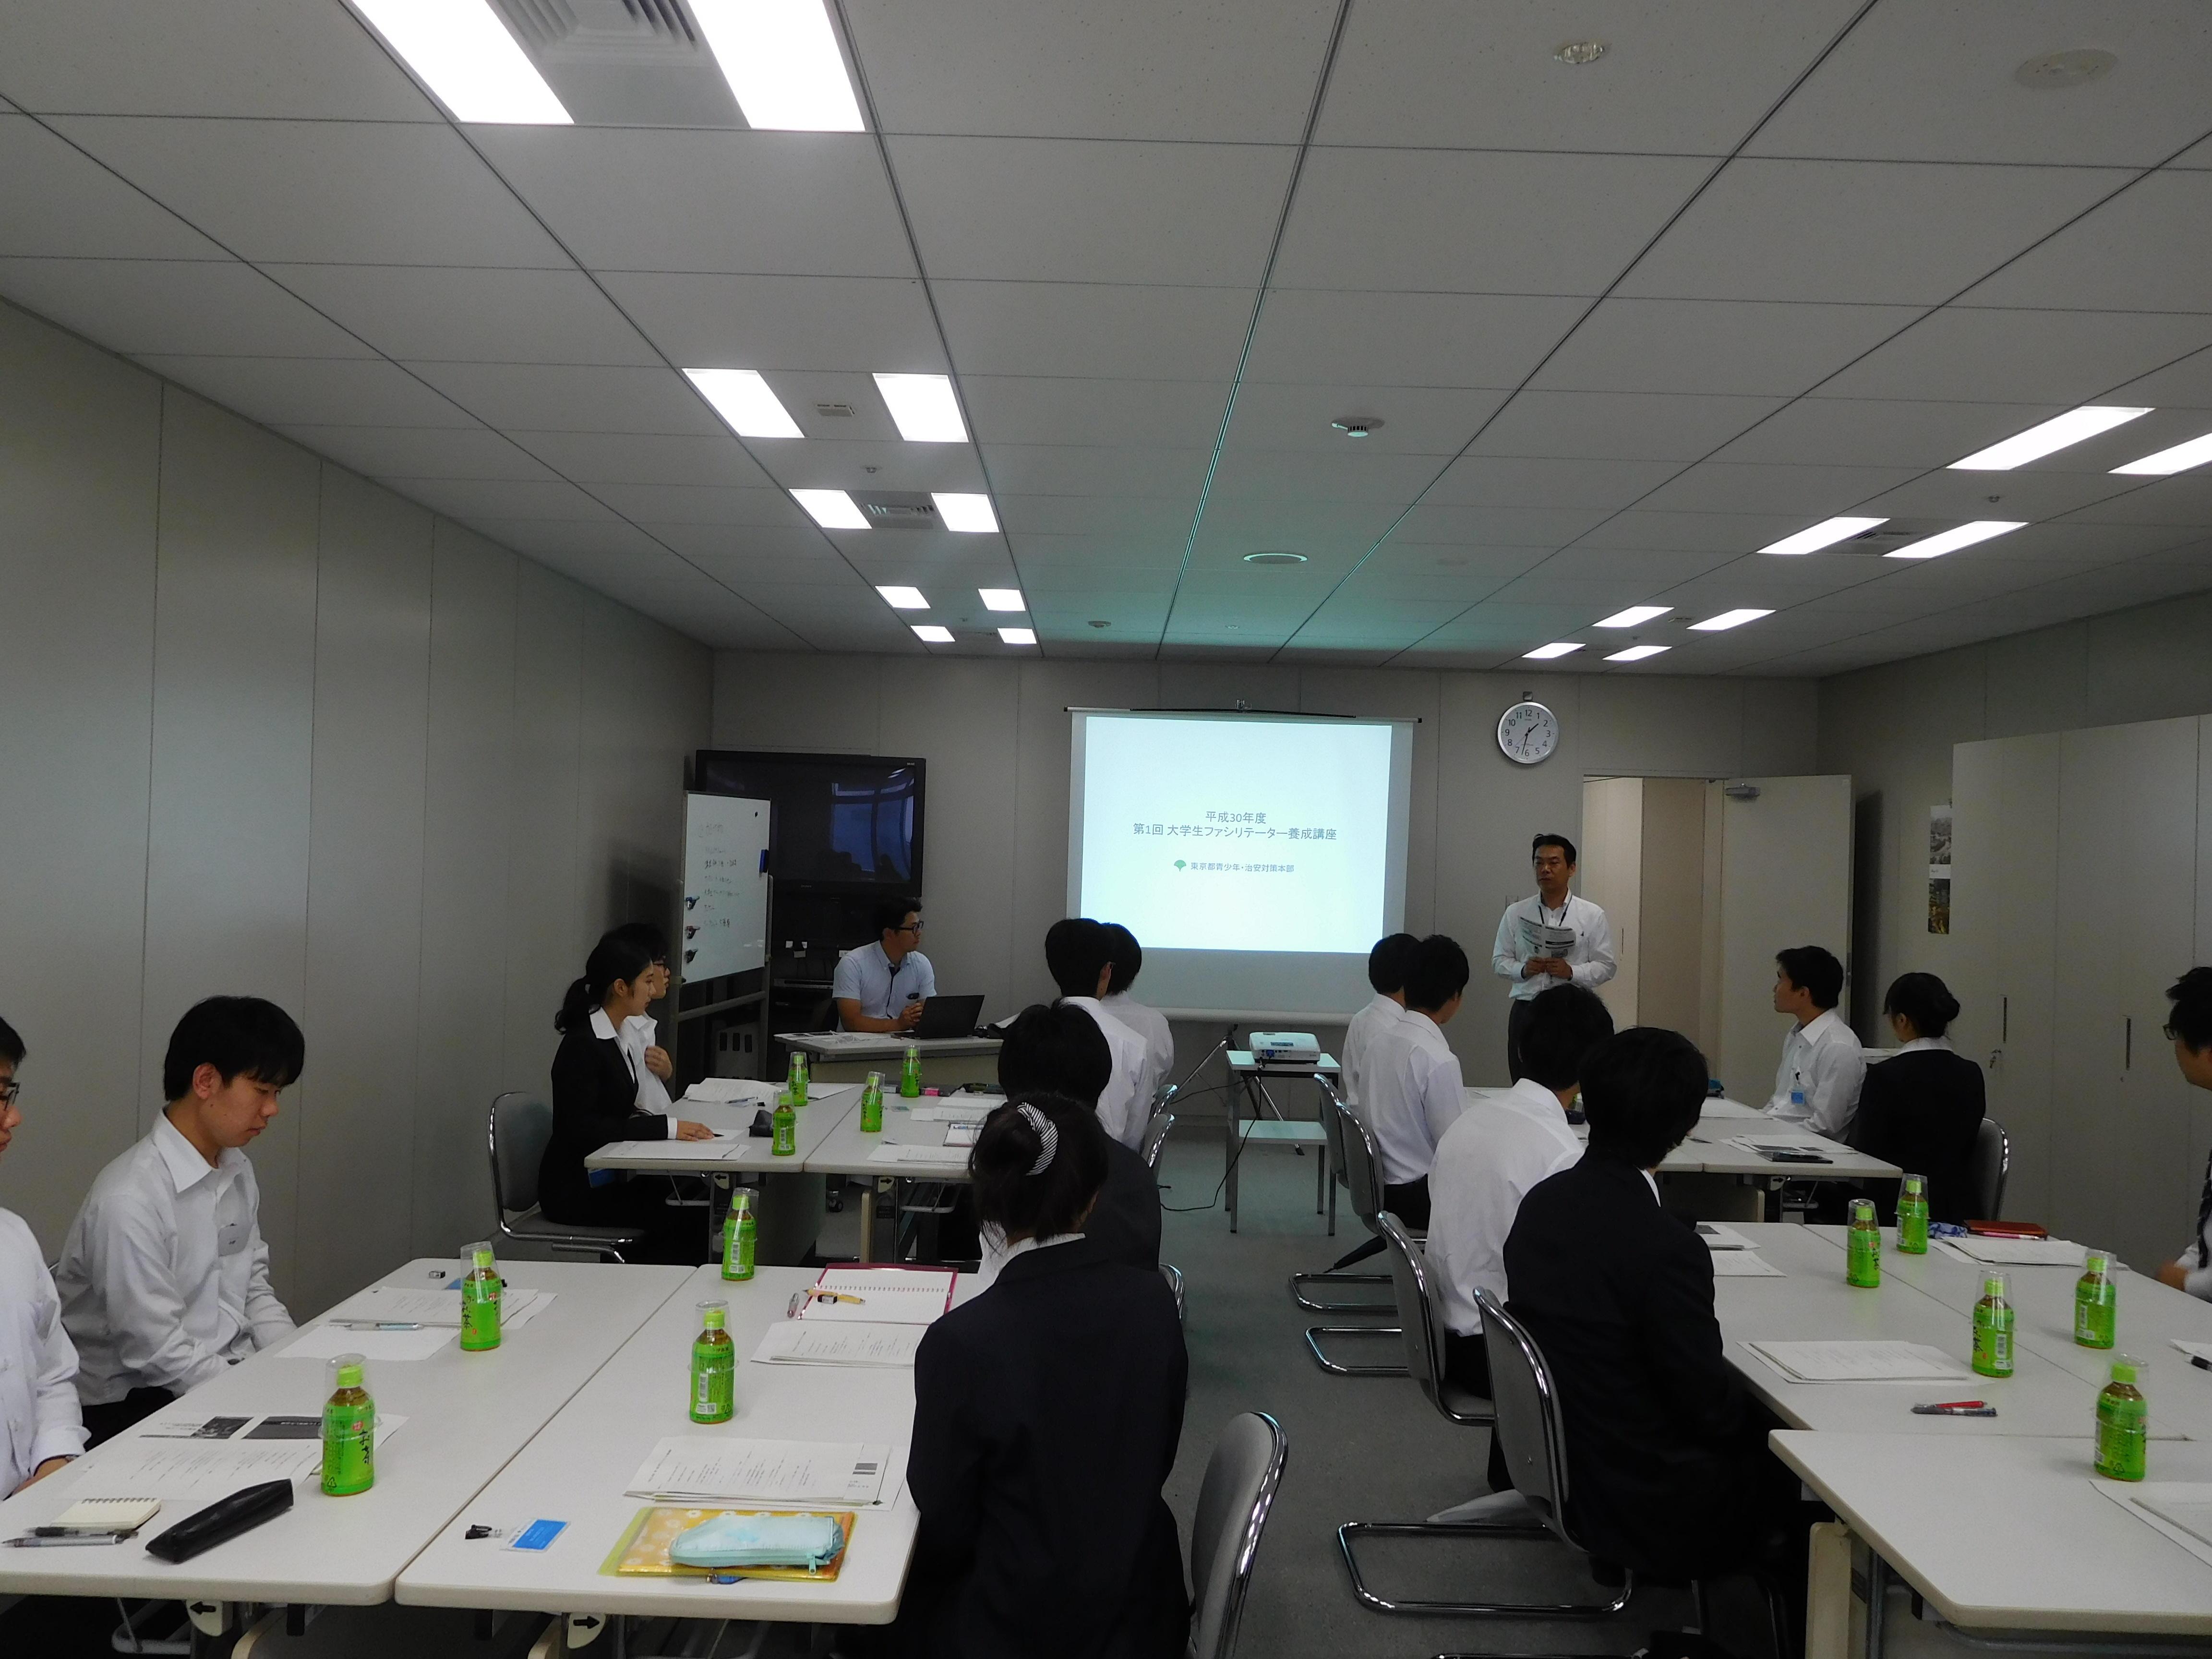 江戸川大学メディアコミュニケーション学部情報文化学科の学生が東京都の「ファシリテーター養成講座」に参加